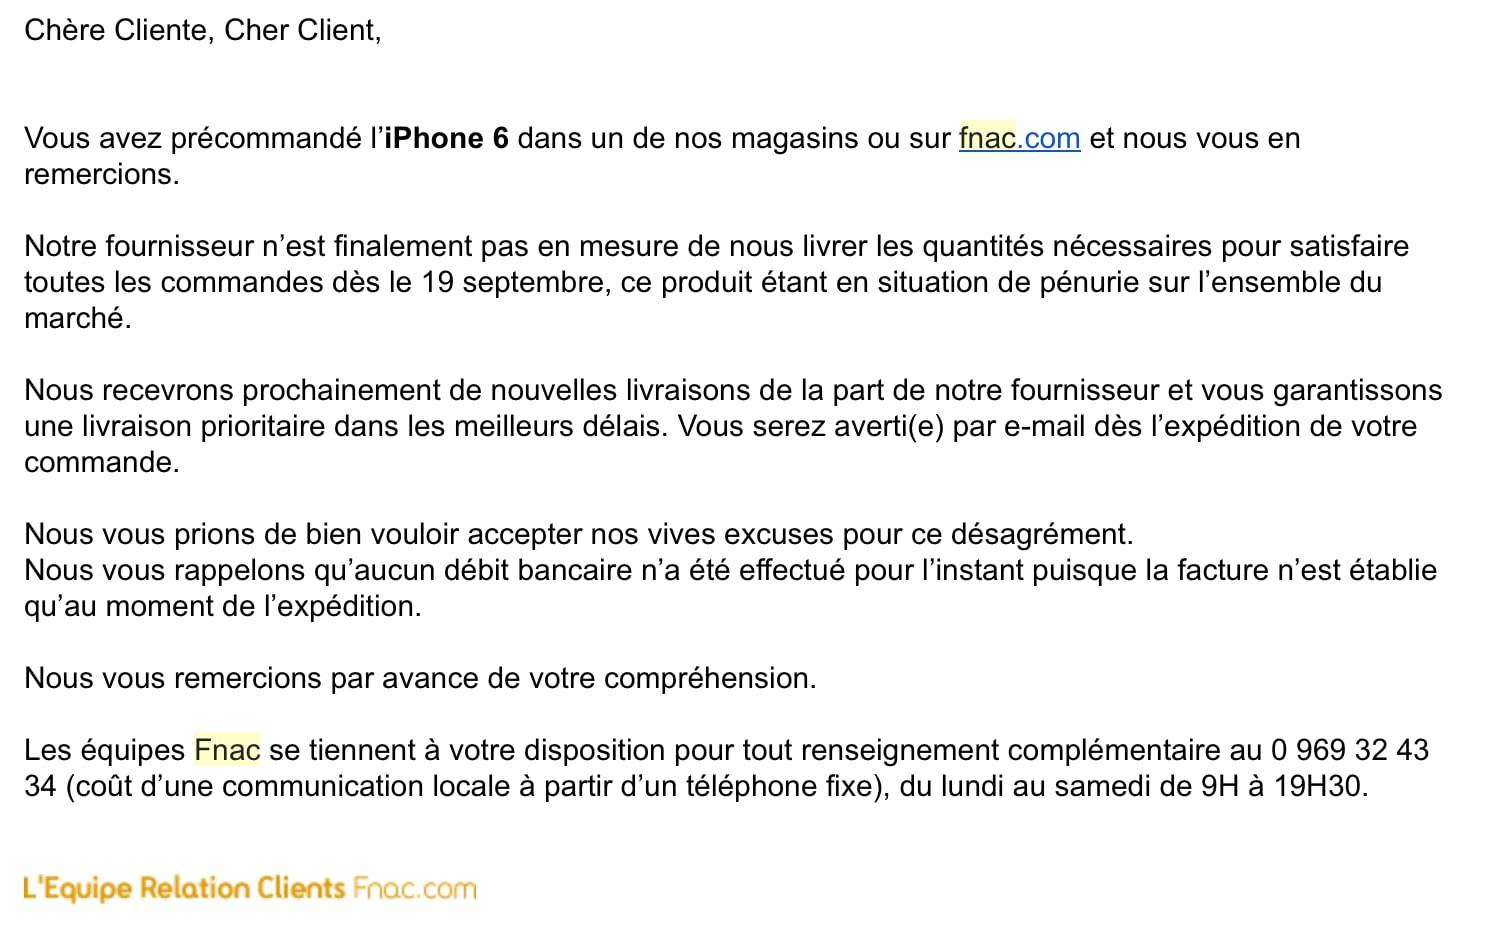 L'équipe Relation Clients FNAC vous informe